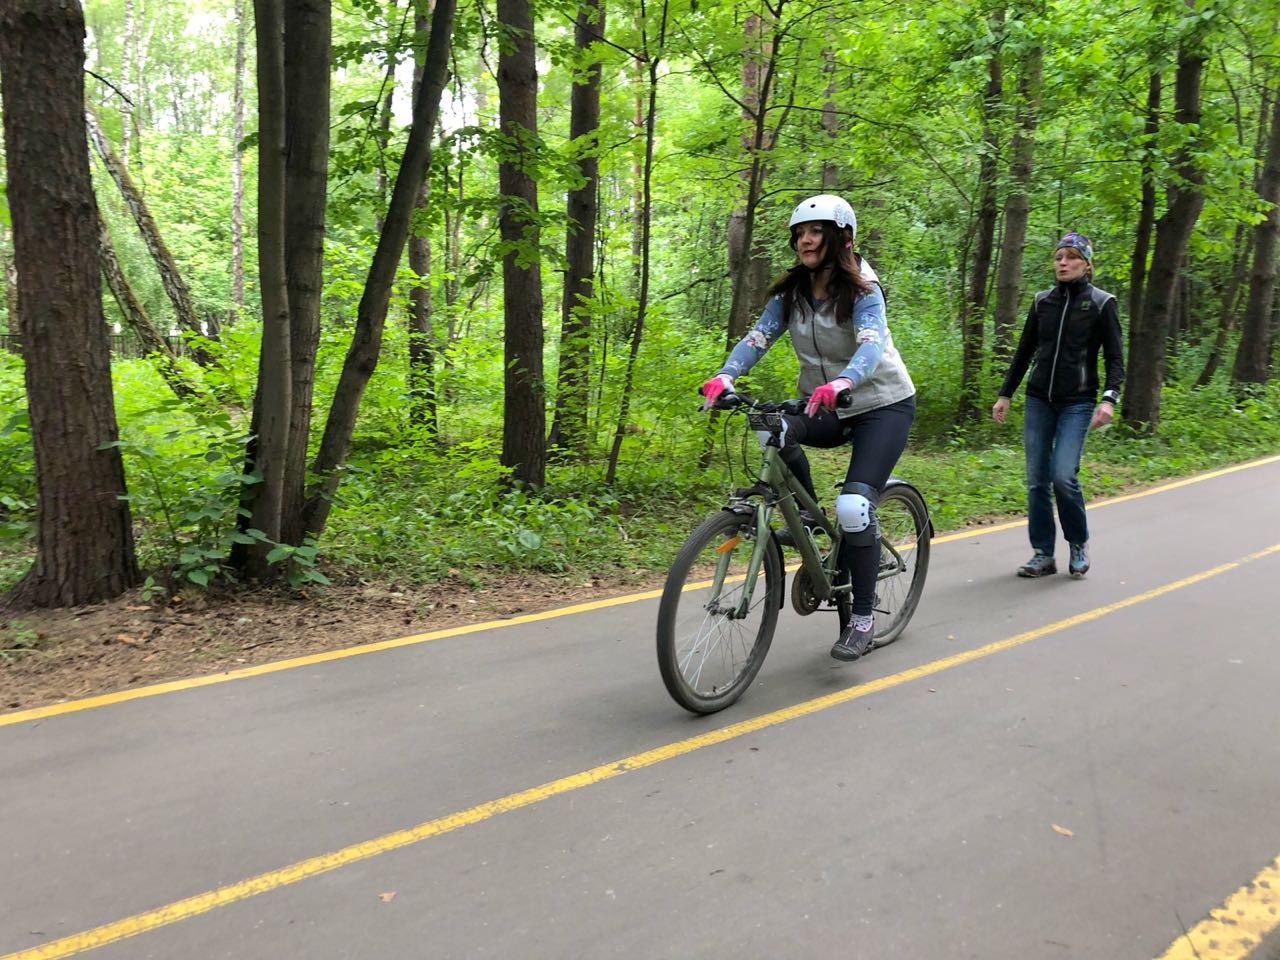 обучение катанию на велосипеде в парке Мещерский